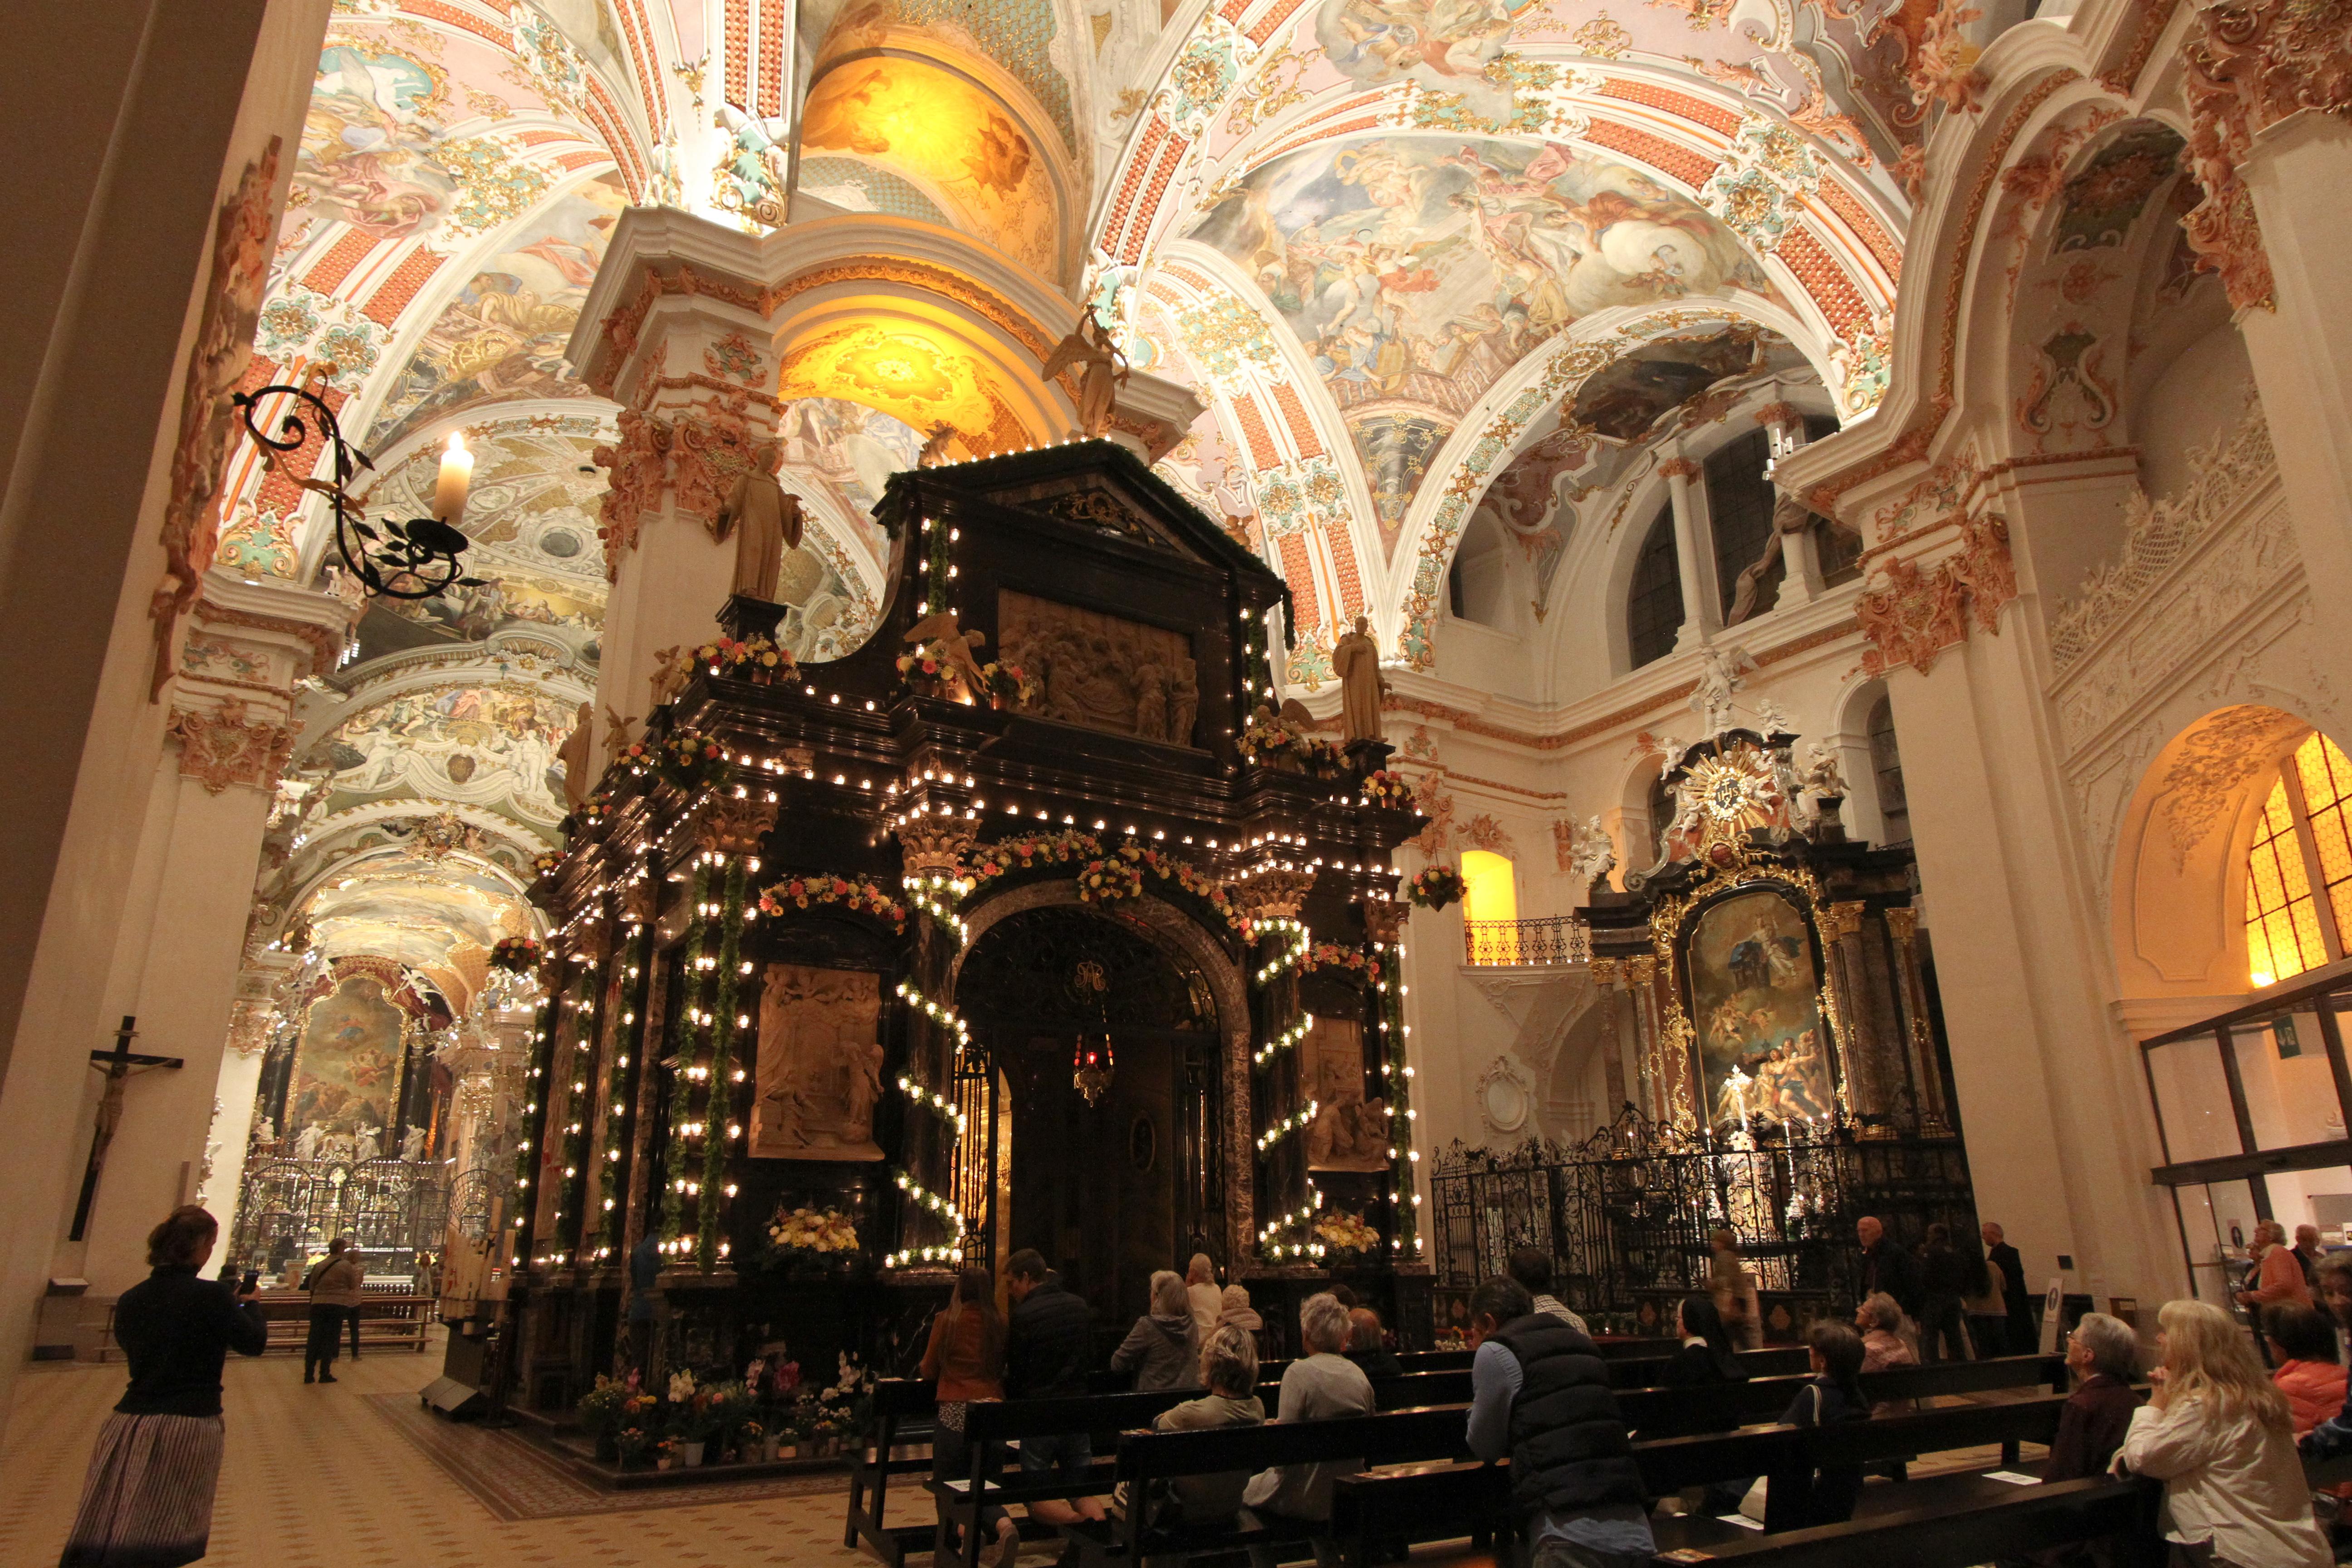 Trotz Corona-Einschränkungen werden die Gnadenkapelle, die Klosterkirche und der Klosterplatz festlich illuminiert sein - die Engelweihe 2021 findet statt!